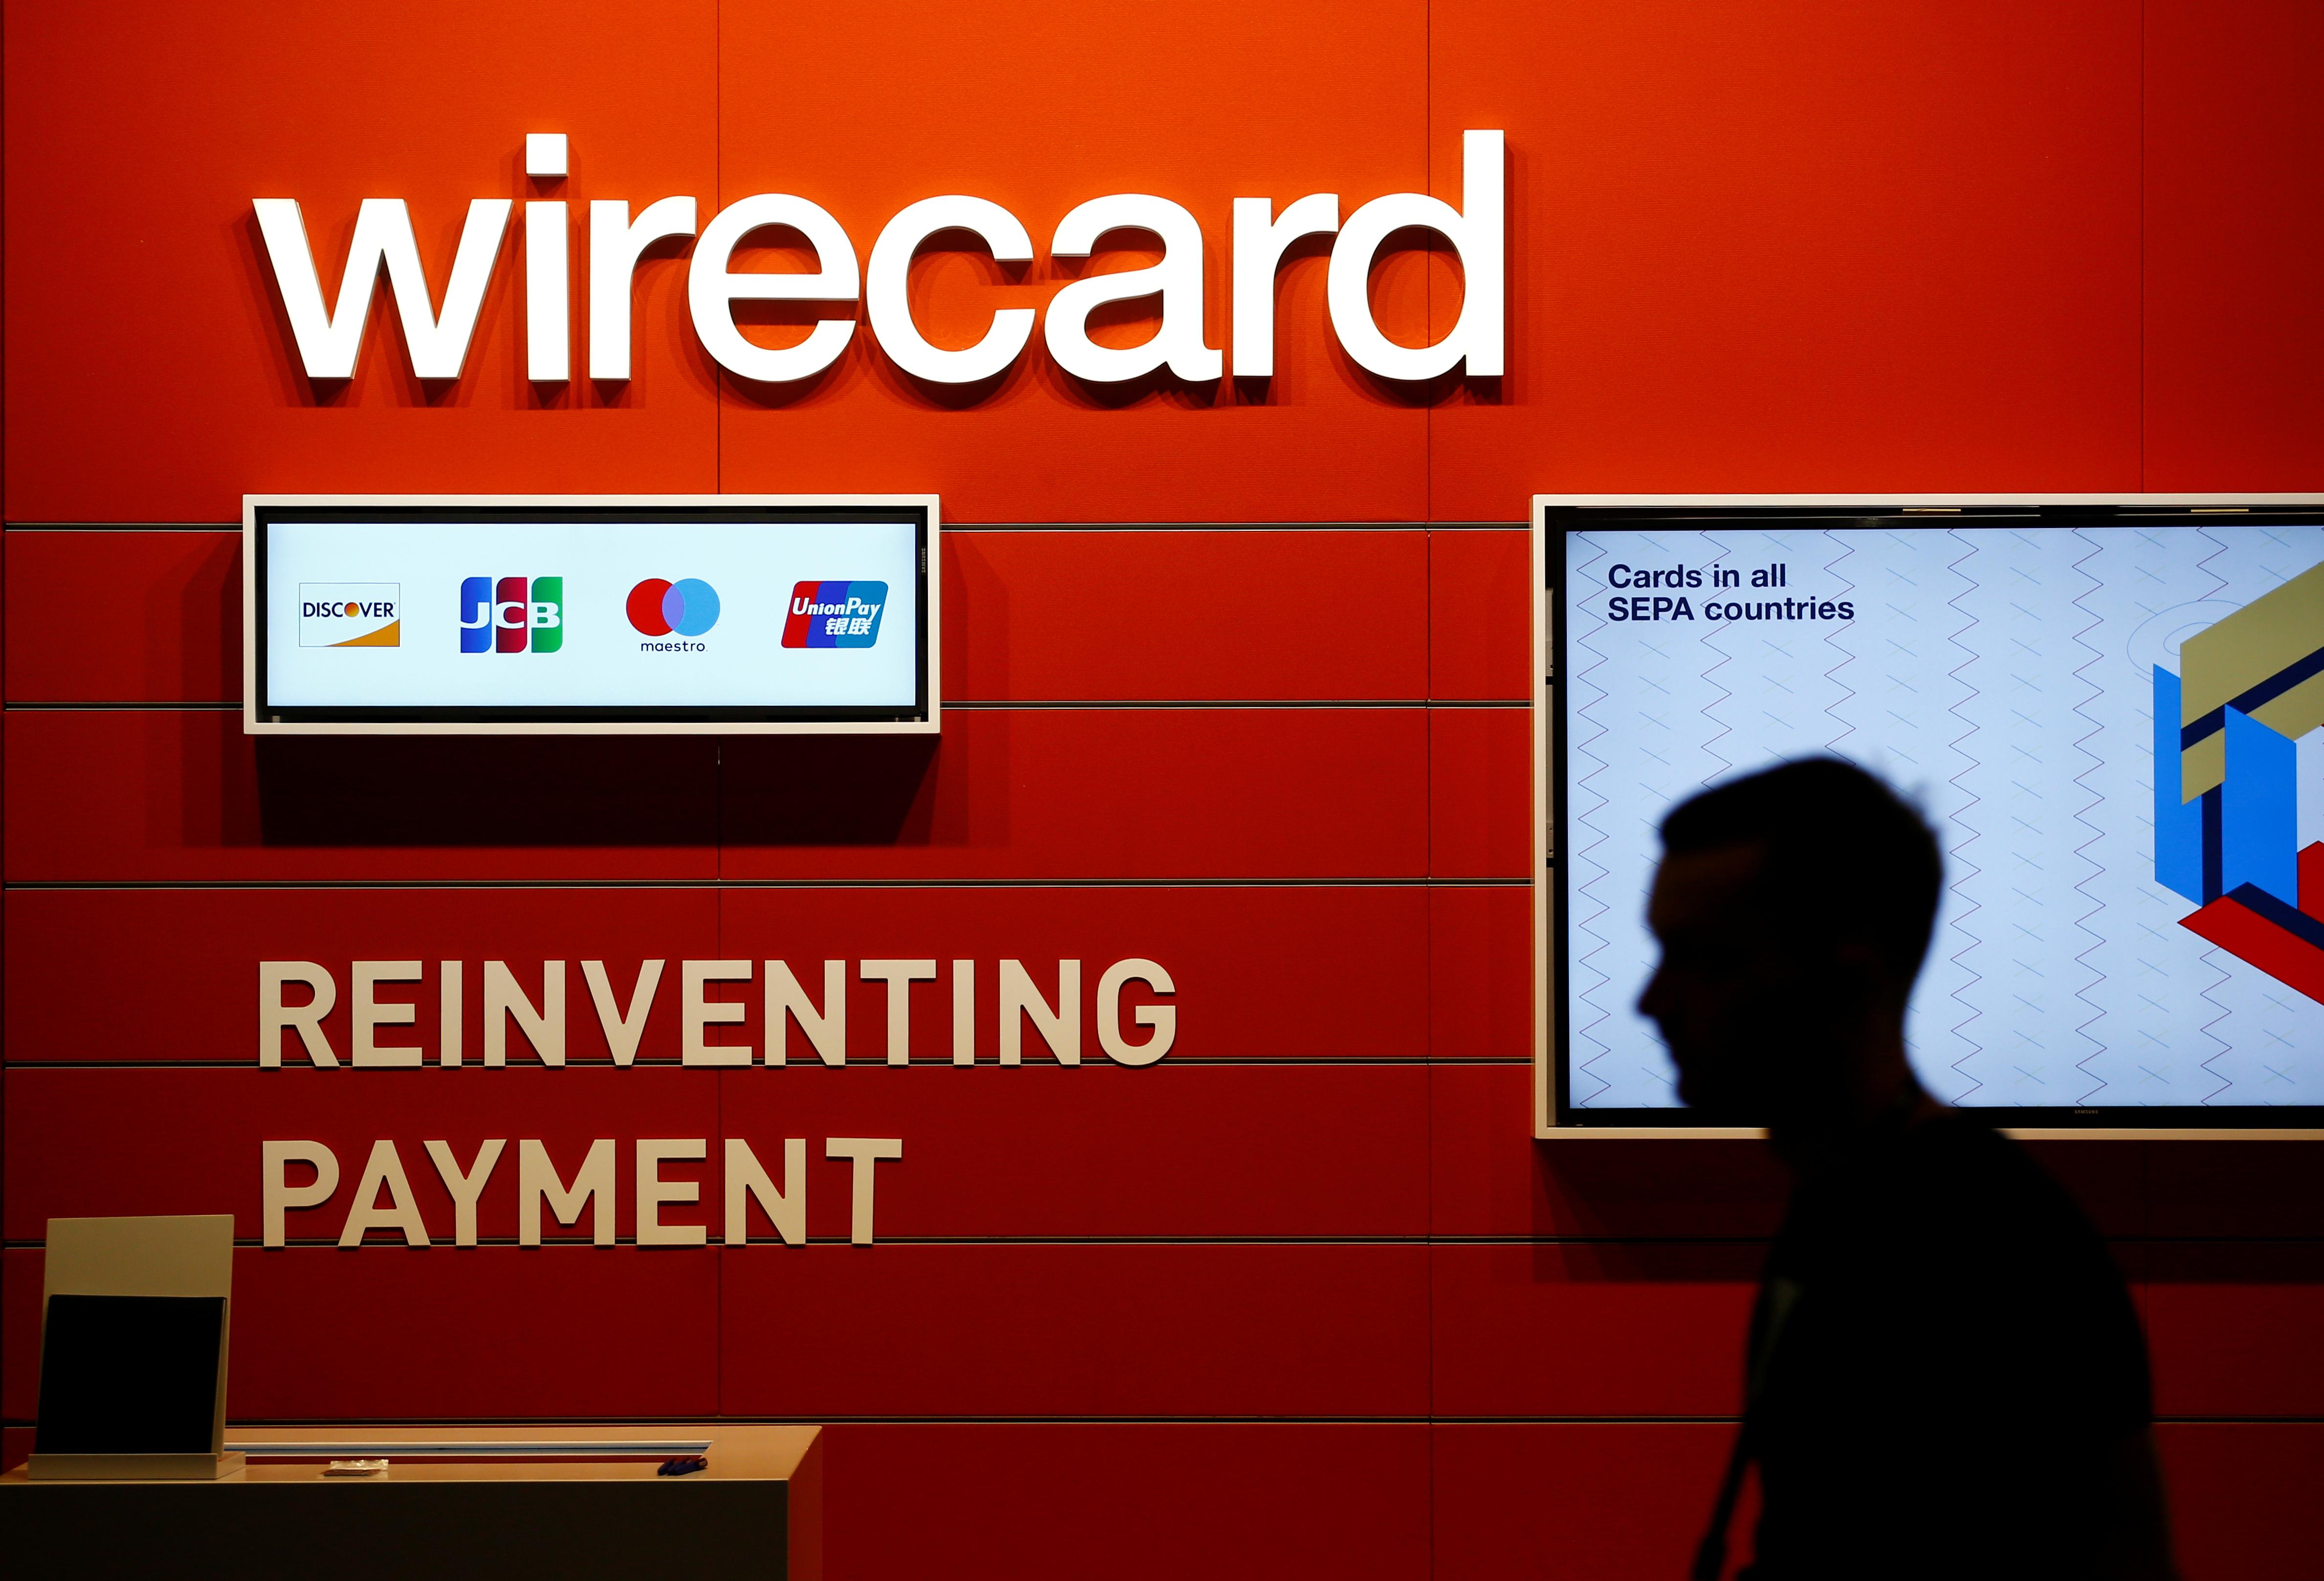 la-bafin-leve-l-interdiction-des-ventes-a-decouvert-sur-wirecard